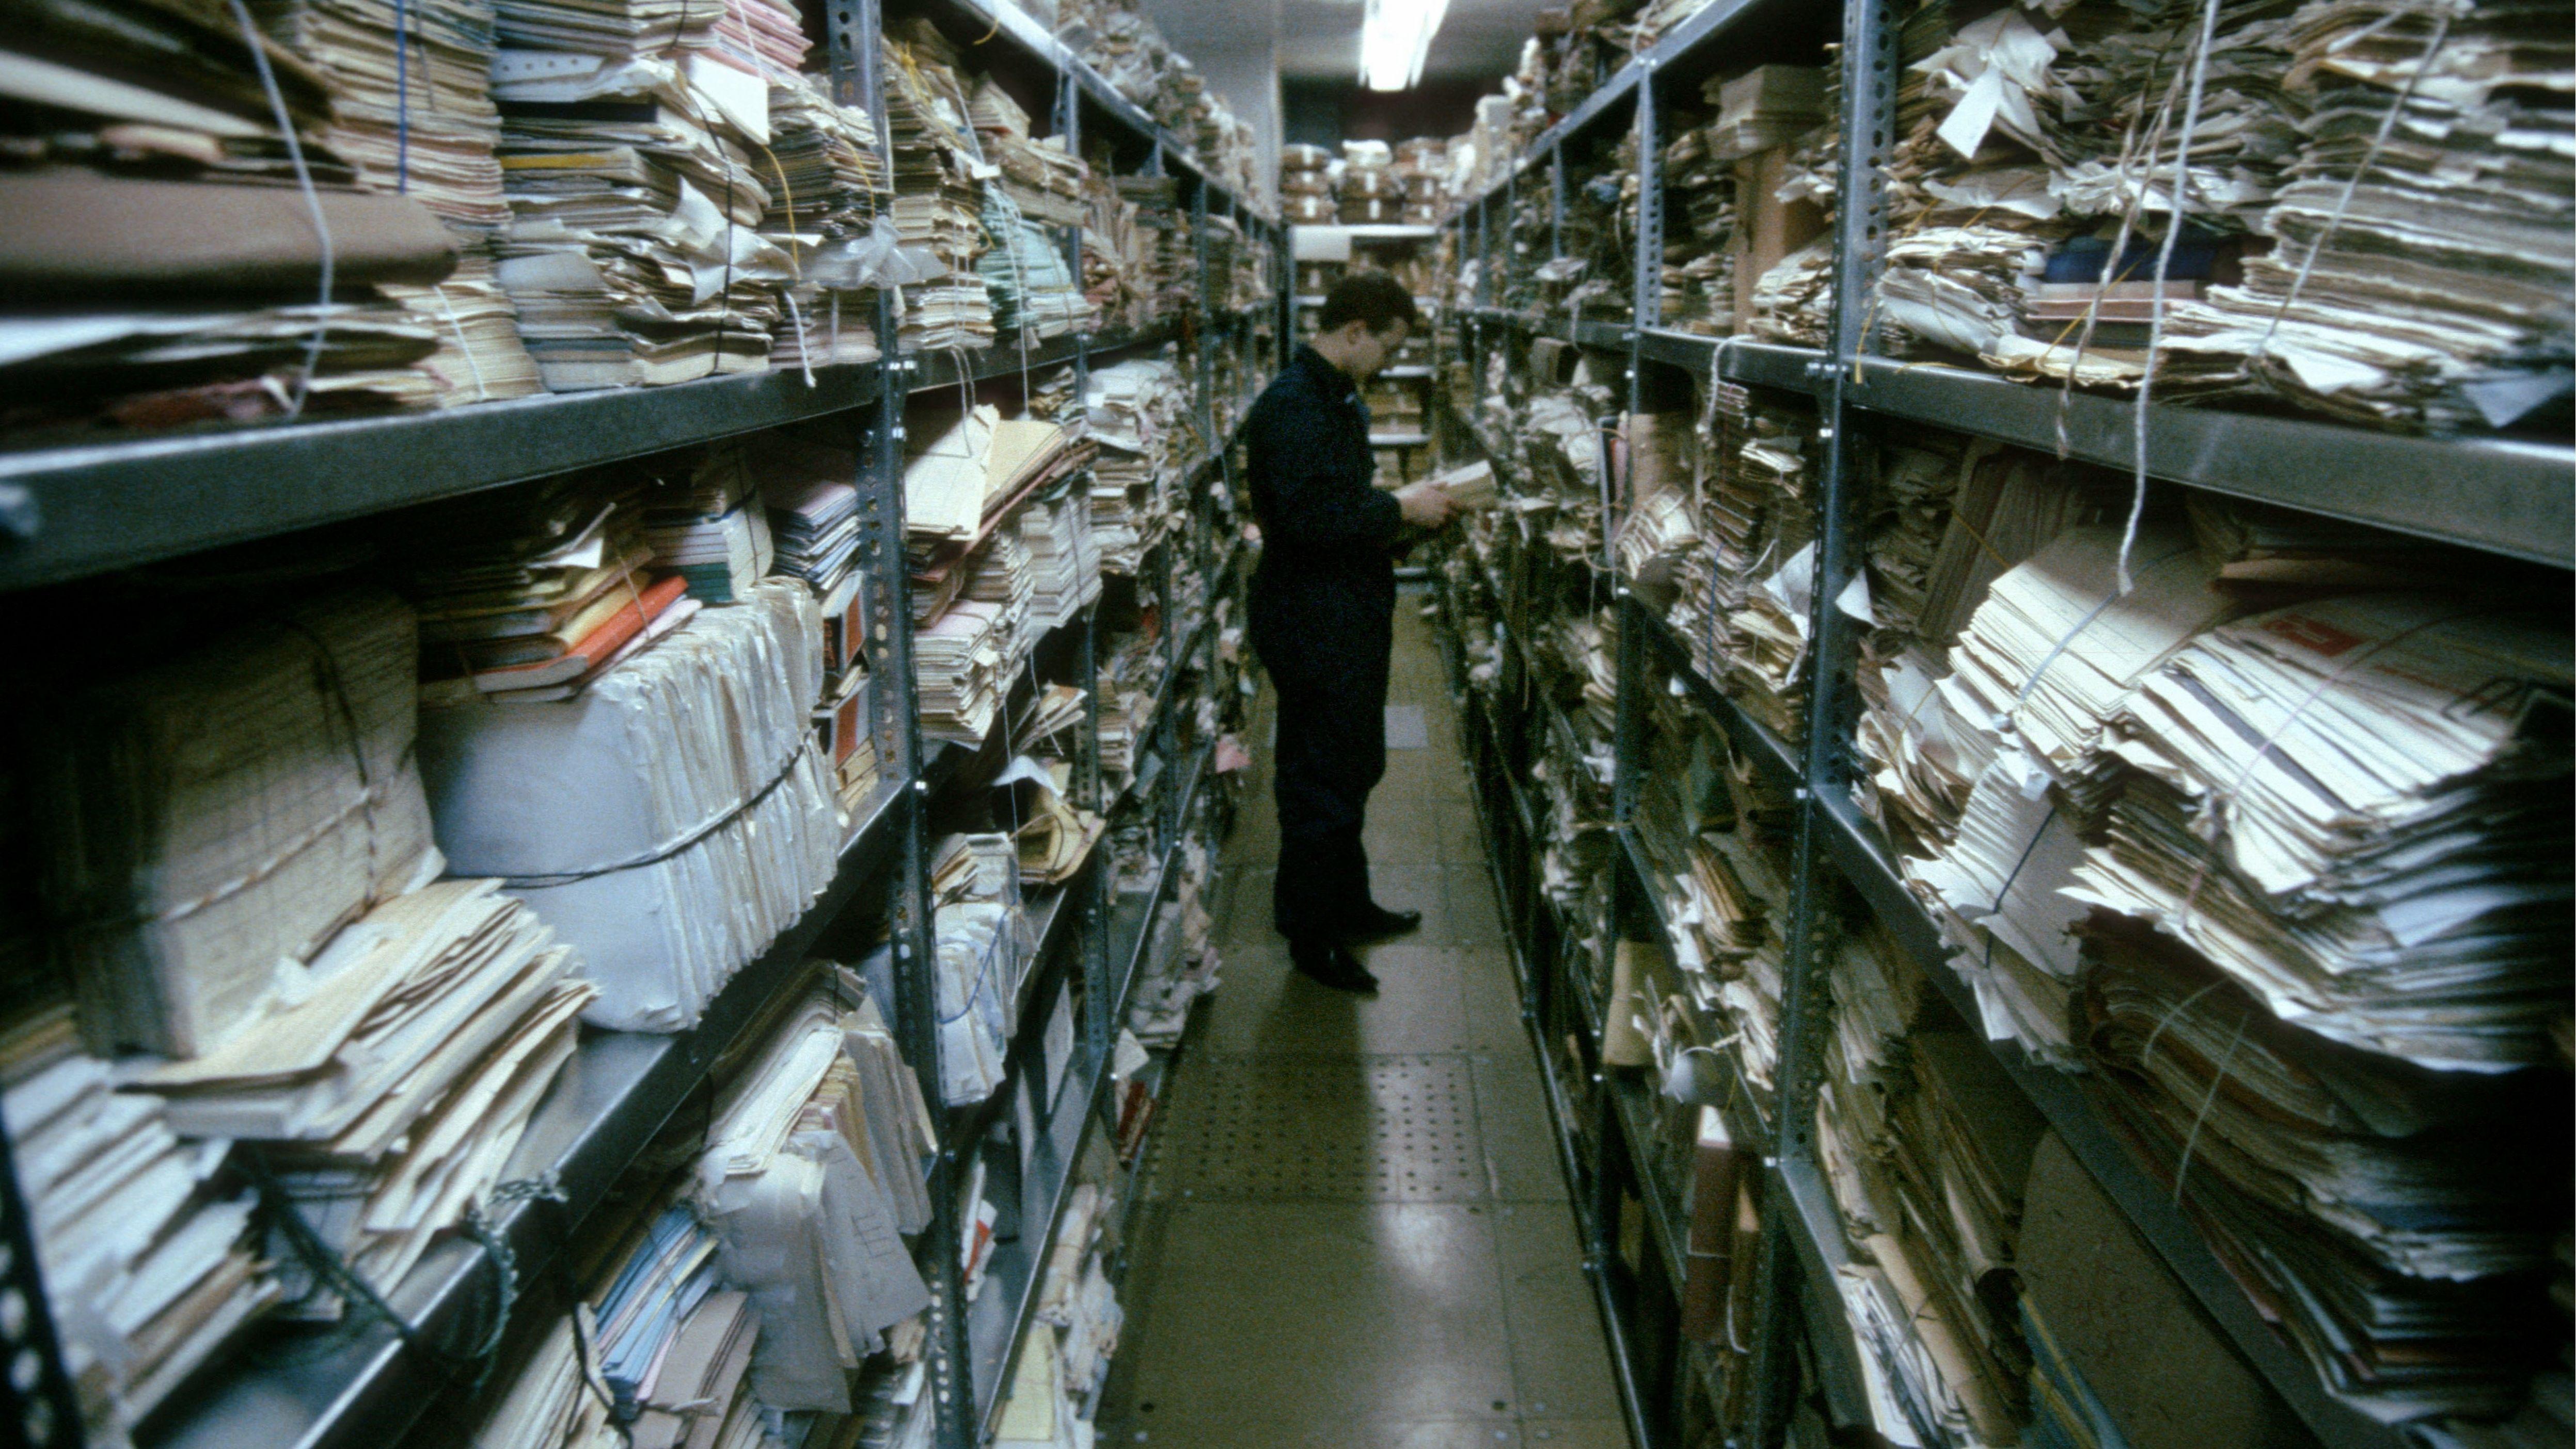 100 Regalkilometer haben die mehr als 250.000 offiziellen und inoffiziellen Mitarbeiter der Stasi über die Menschen in der DDR gesammelt.